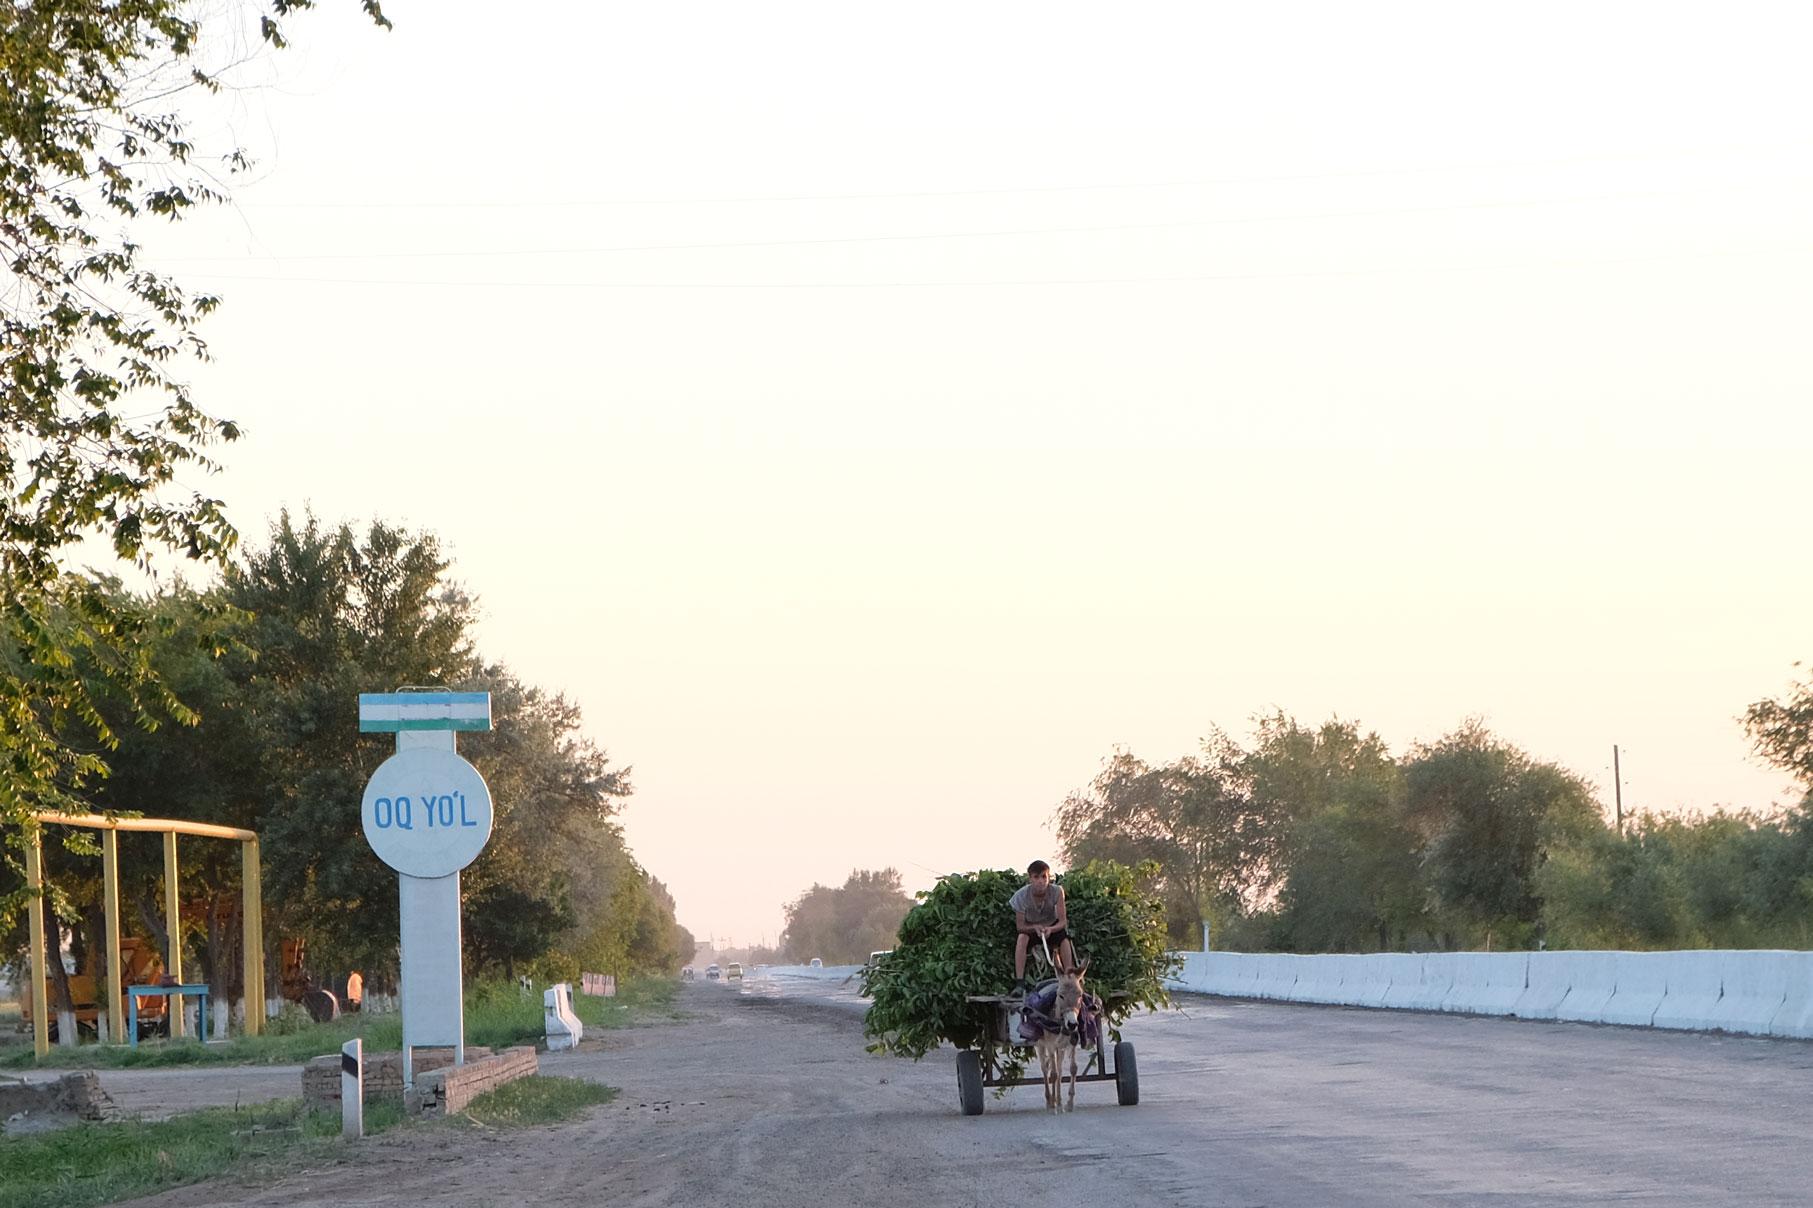 Ein gut beladener Eselkarren, die uns hier in Usbekistan besonders häufig auffallen